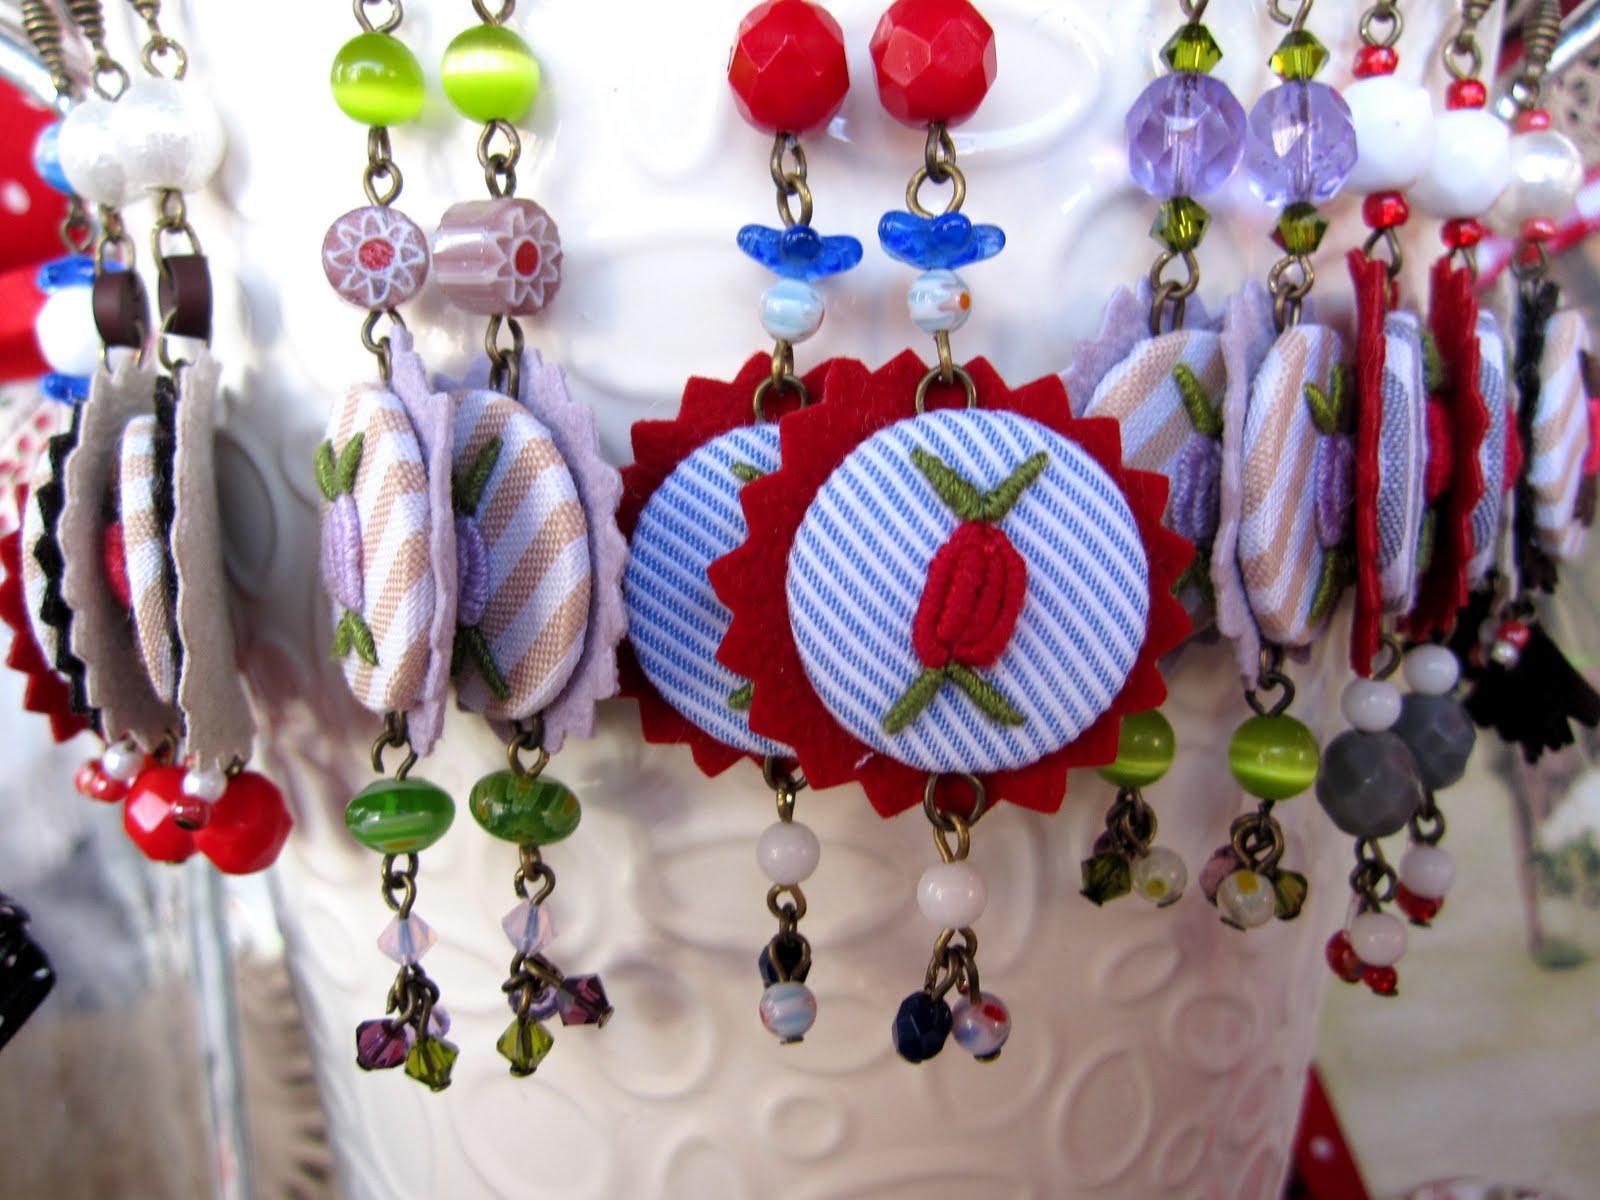 El joyero de lolita mercadillo de artesan a - Cosas hechas a mano para vender ...